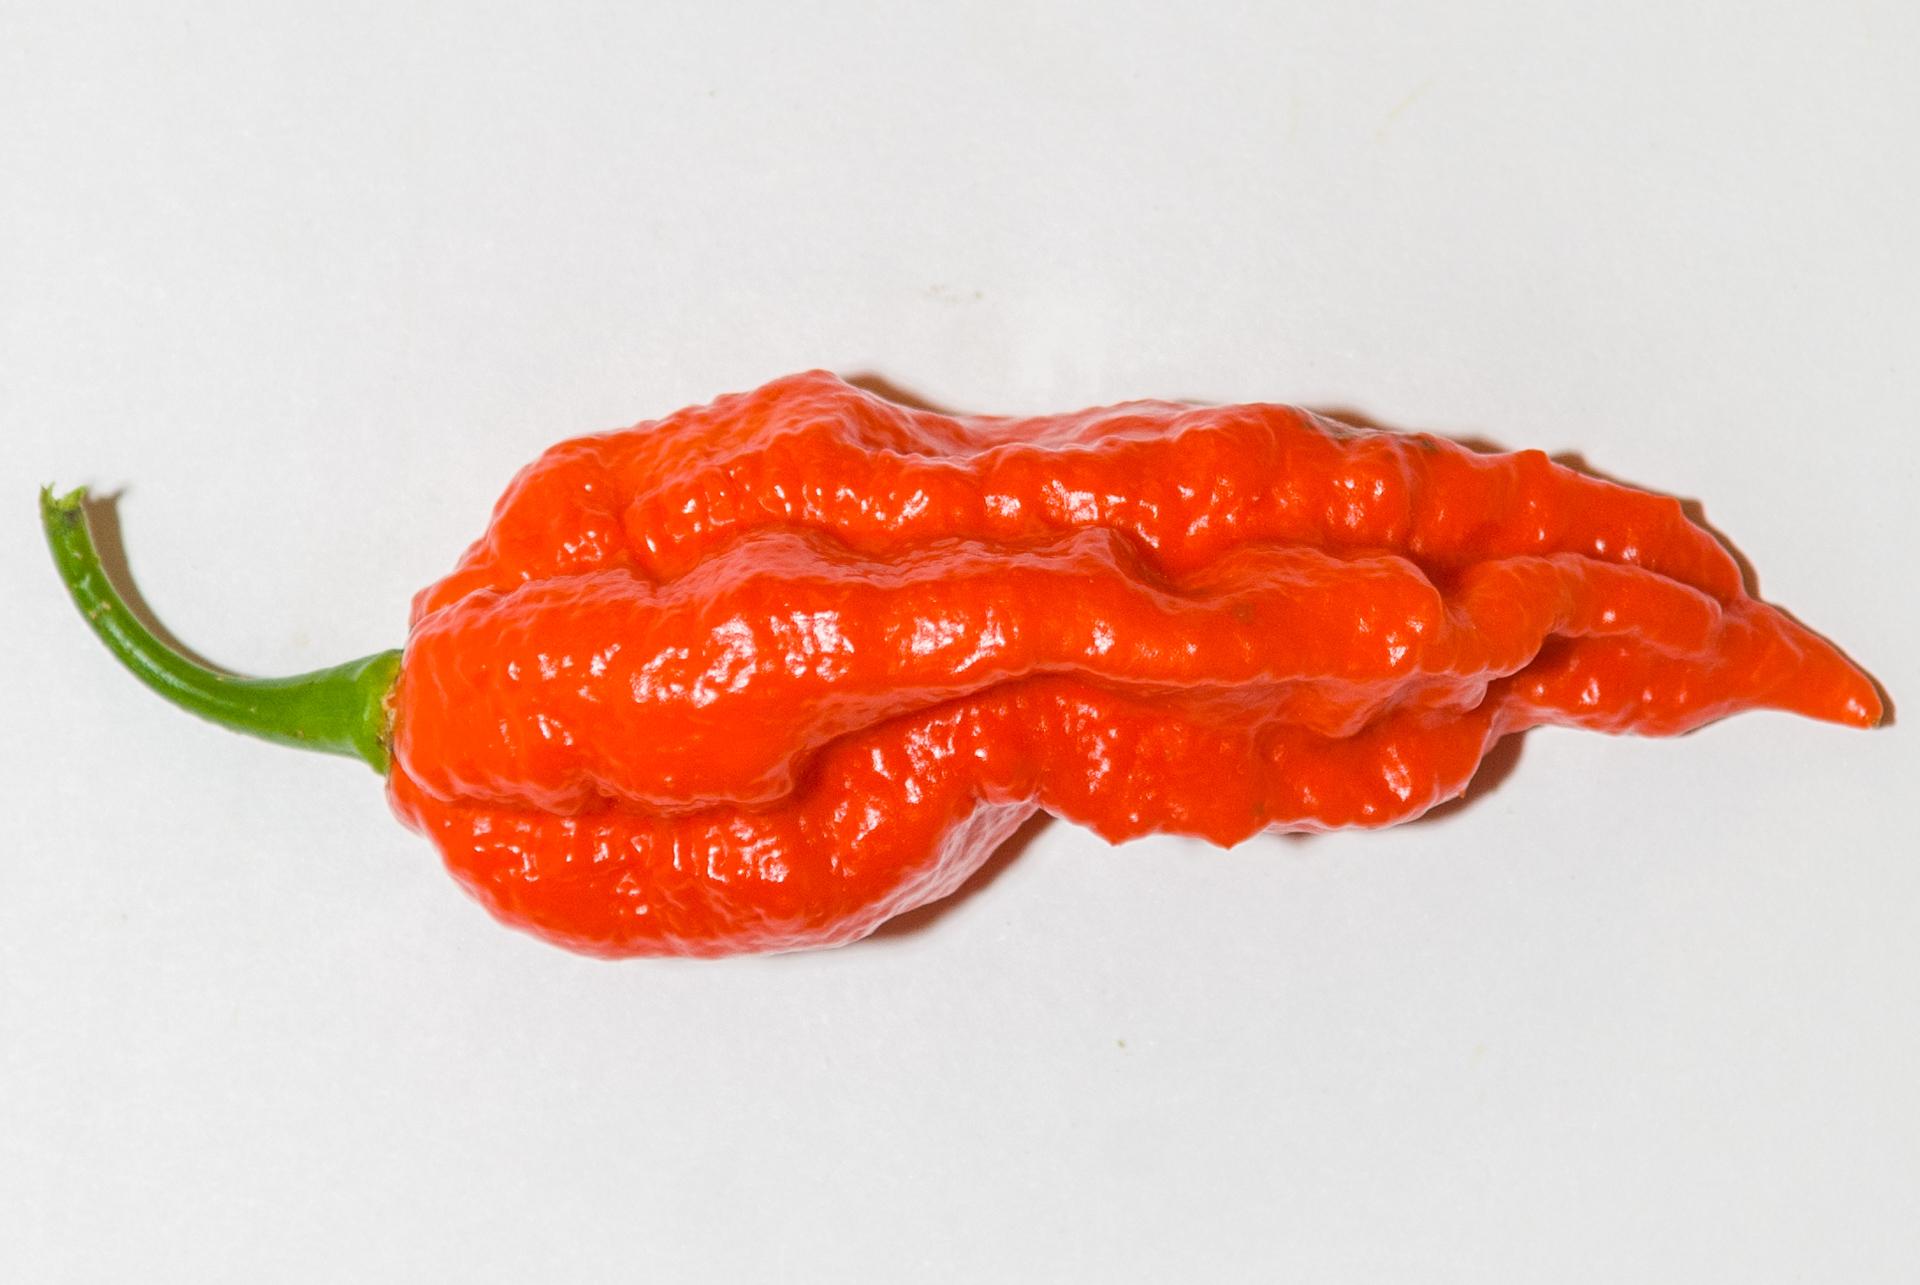 BRA 00035882-0 - Capsicum sp. - Chilisorte